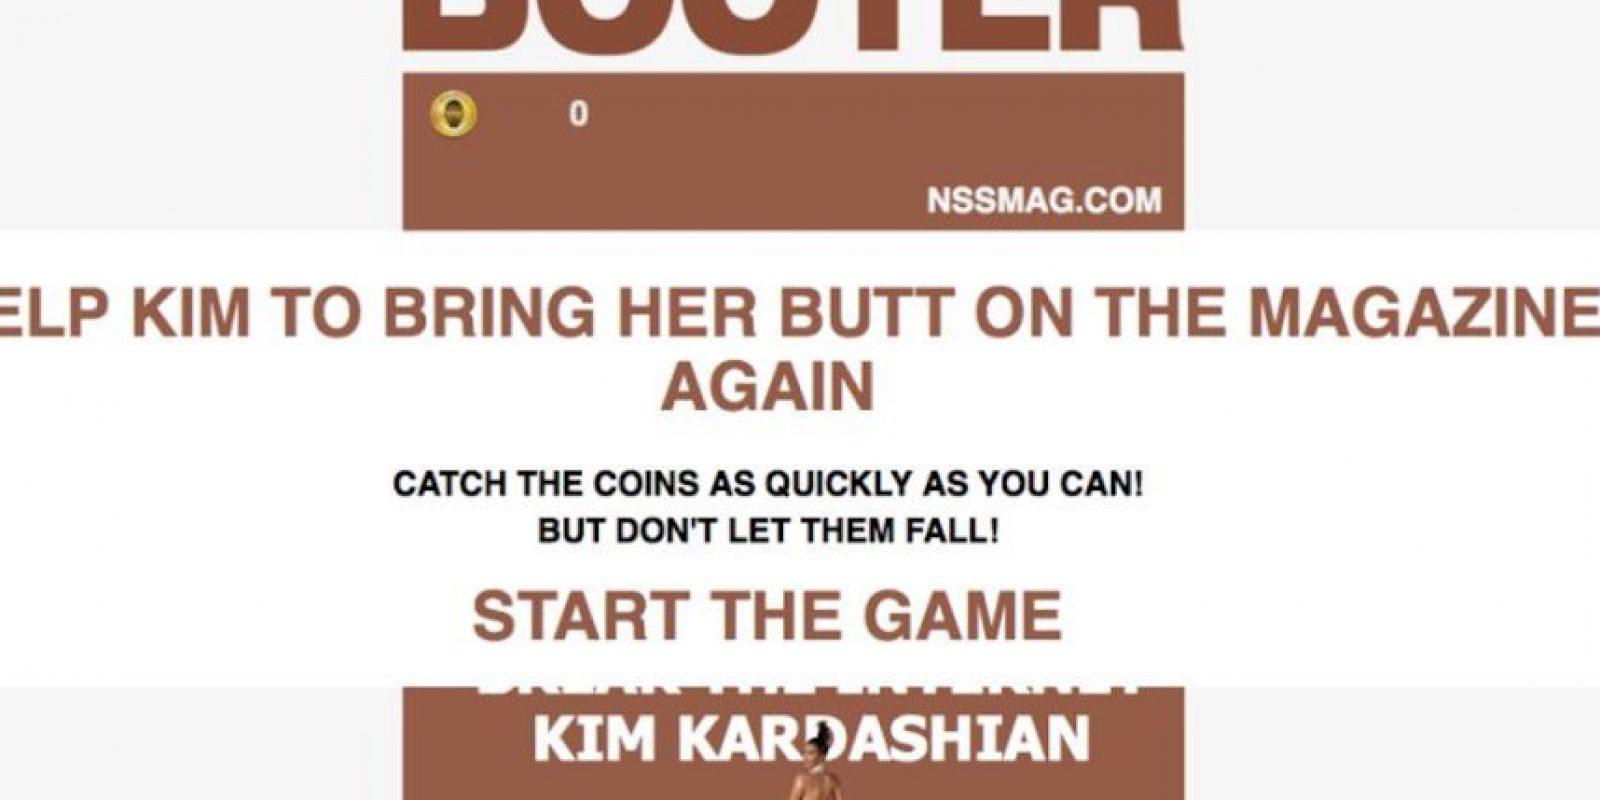 """""""Booter"""", el juego en línea para capturar monedas en el trasero de Kim Kardashian Foto:Booter"""